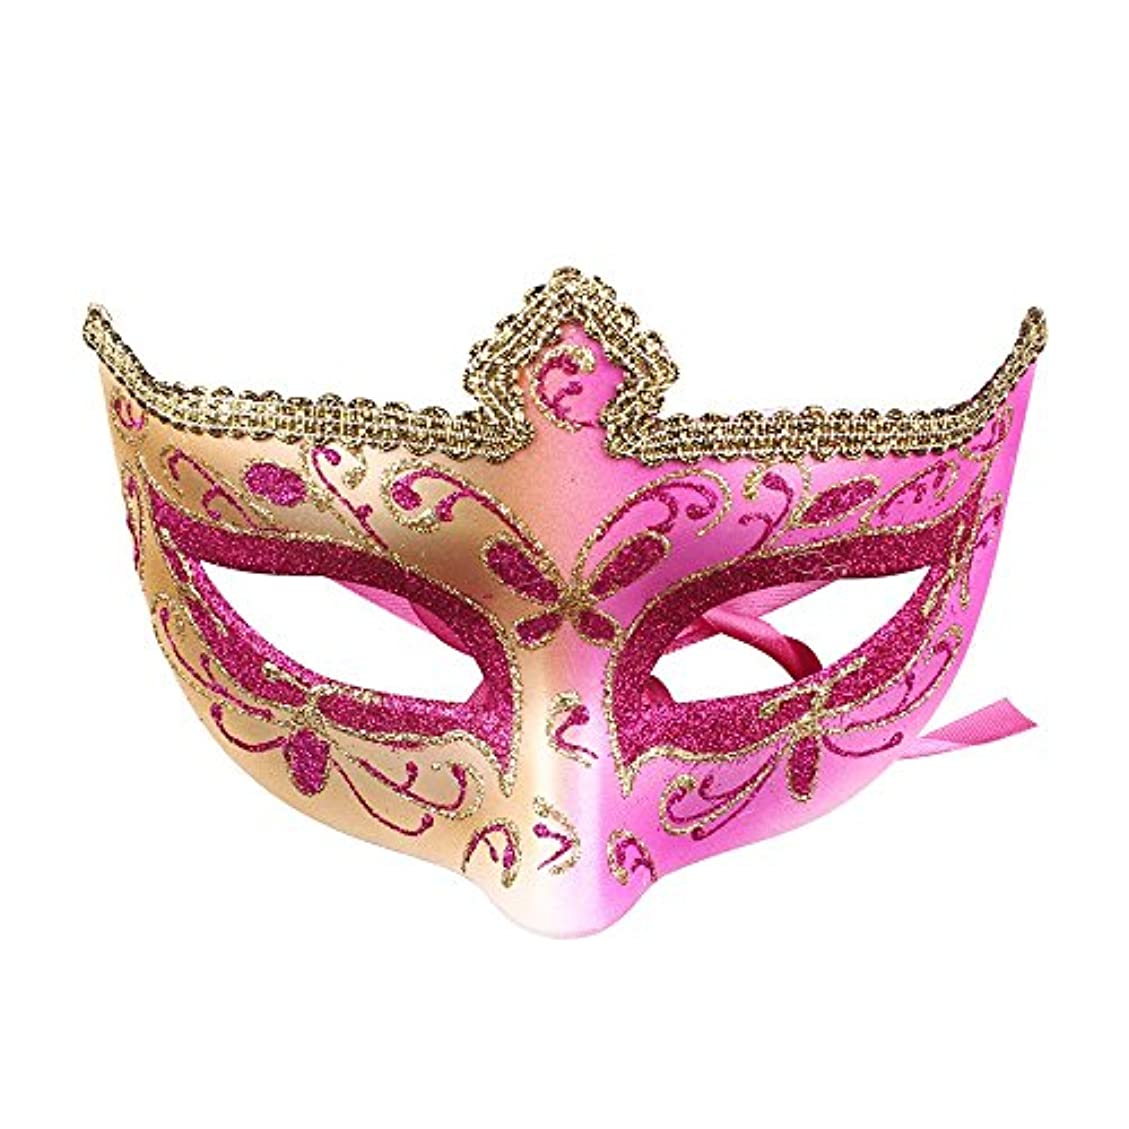 足音アクロバットヒューズクリエイティブ仮面舞??踏会レースマスク美容ハーフフェイス女性身に着けているマスクハロウィーン祭りパーティー用品 (Color : BLACK)